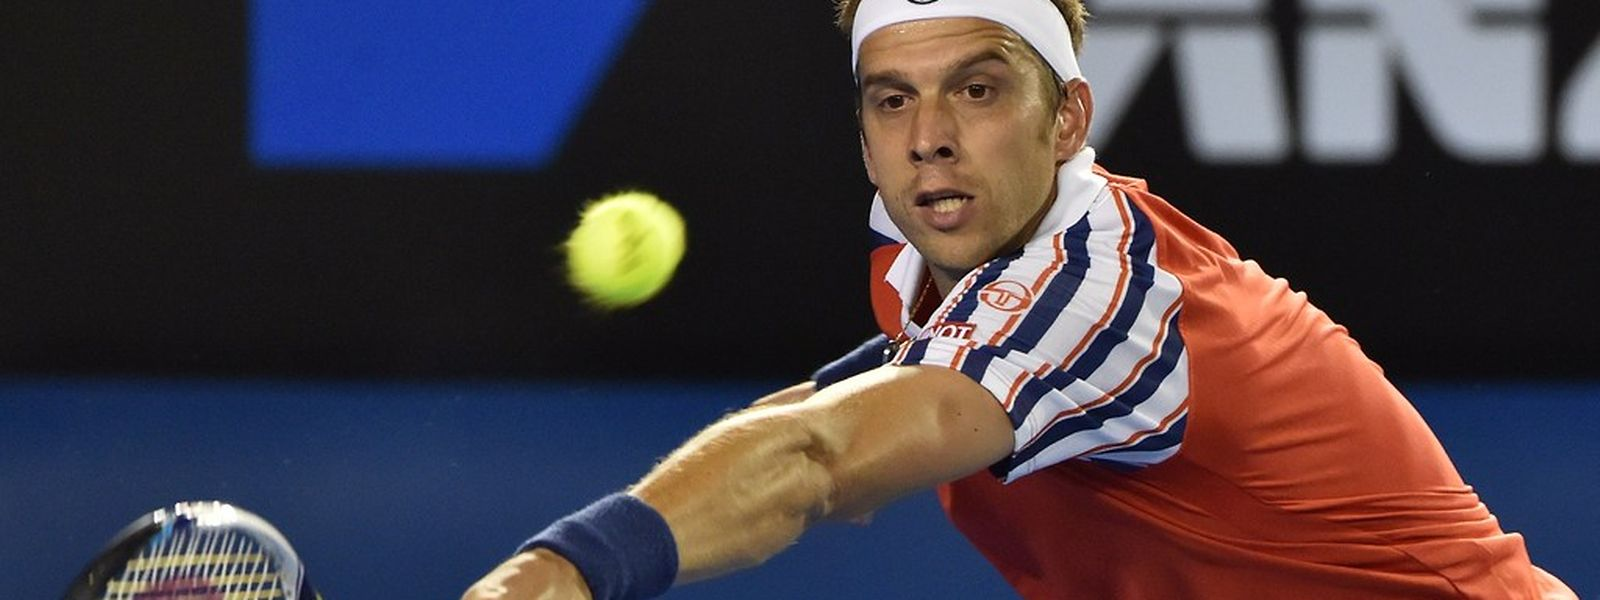 """Gilles Muller: """"Ich weiß, dass ich mit Kalibern wie Djokovic mithalten kann."""""""